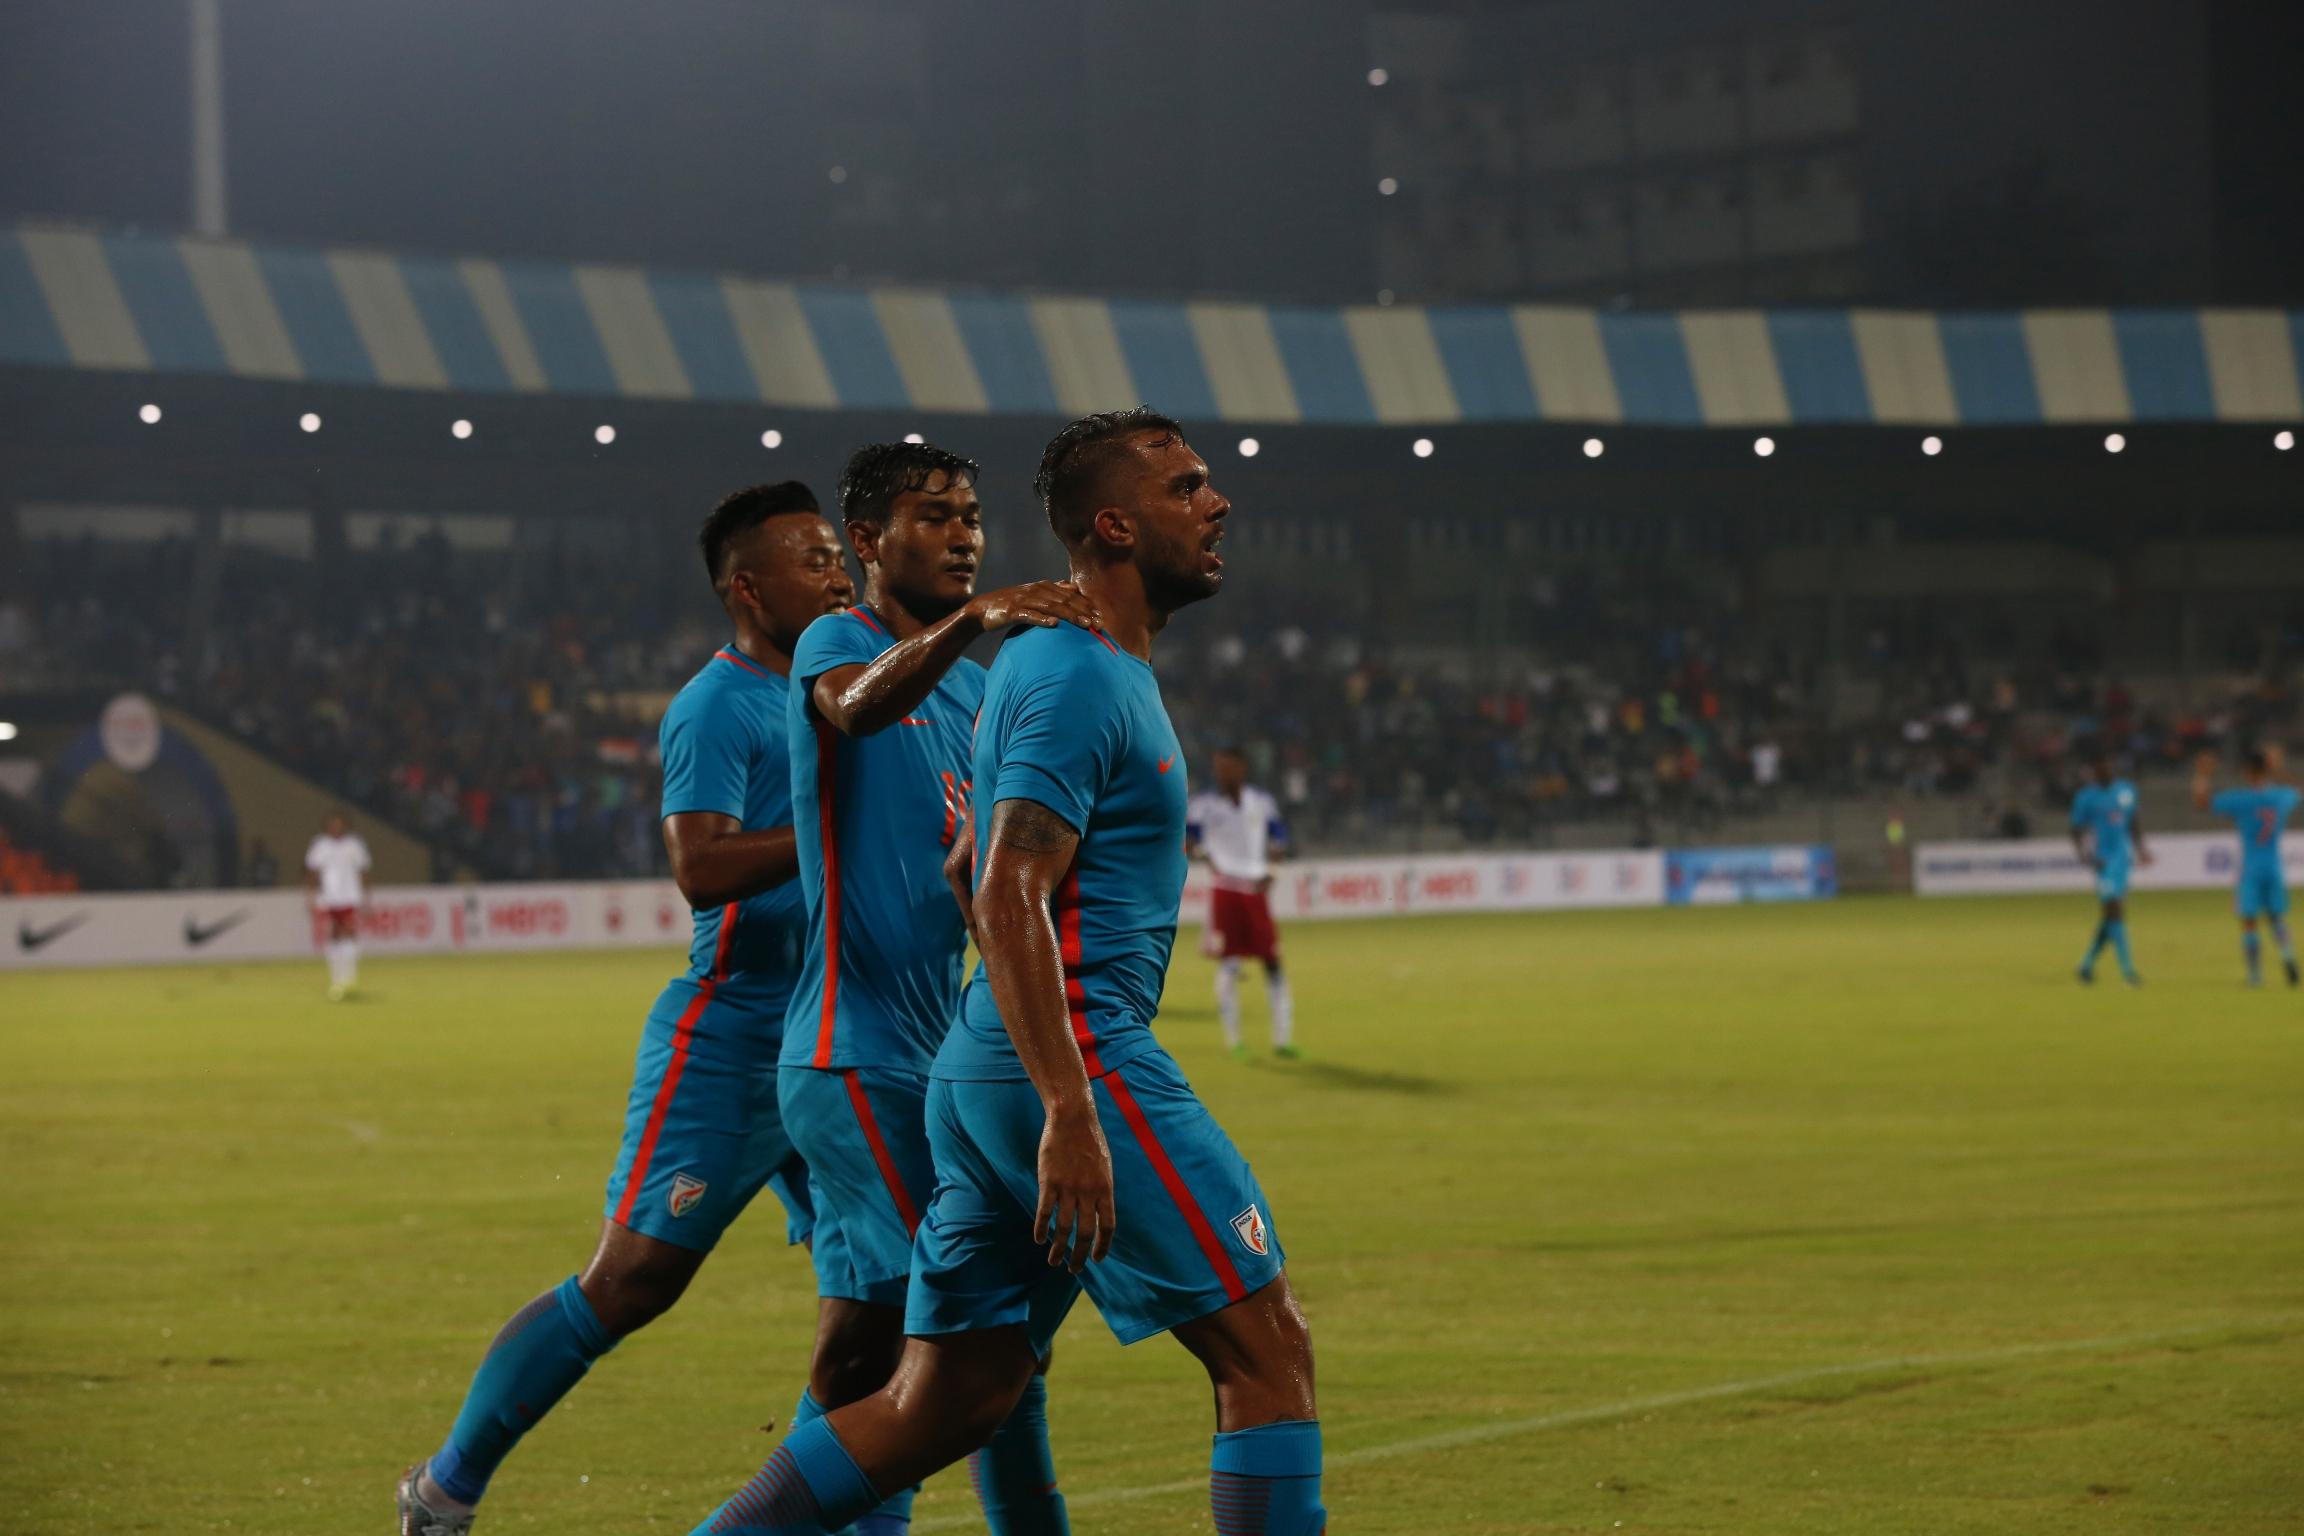 India Mauritius 2